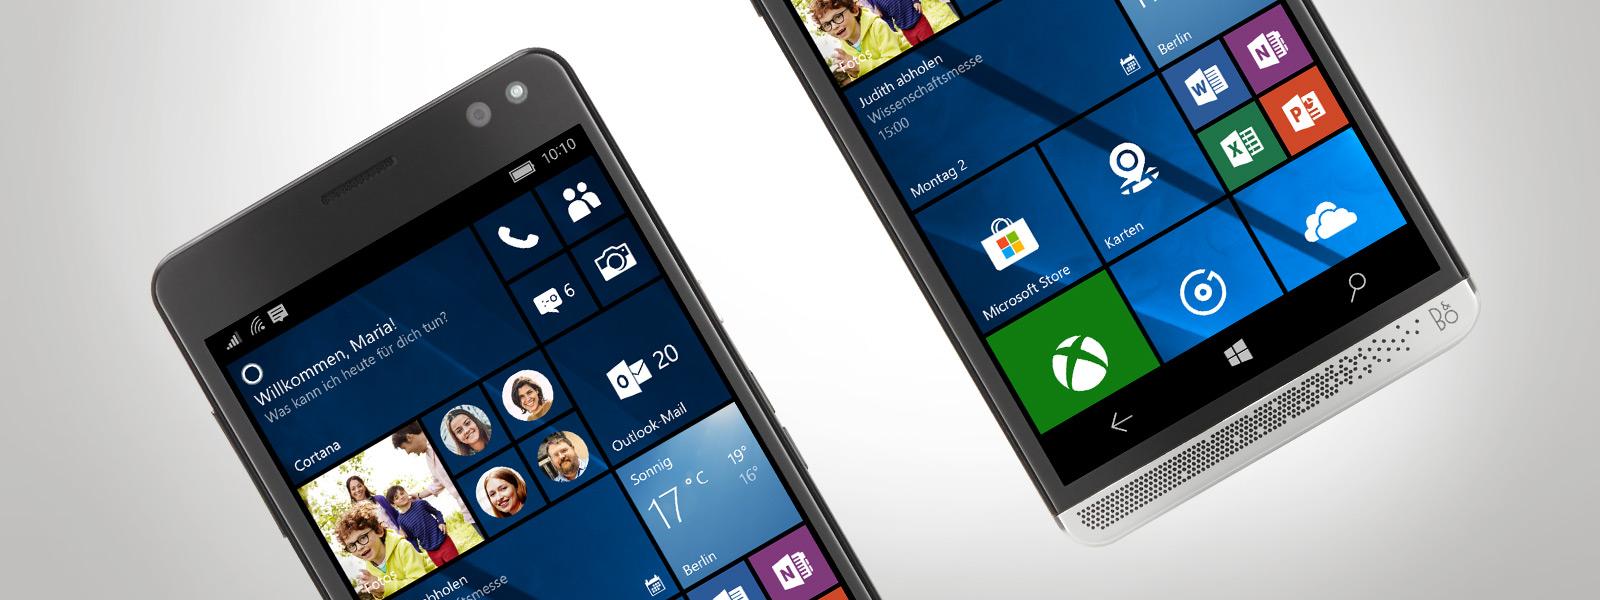 Partielle Nahaufnahme von zwei HP Elite x3-Smartphones, die beide nach links geneigt sind.